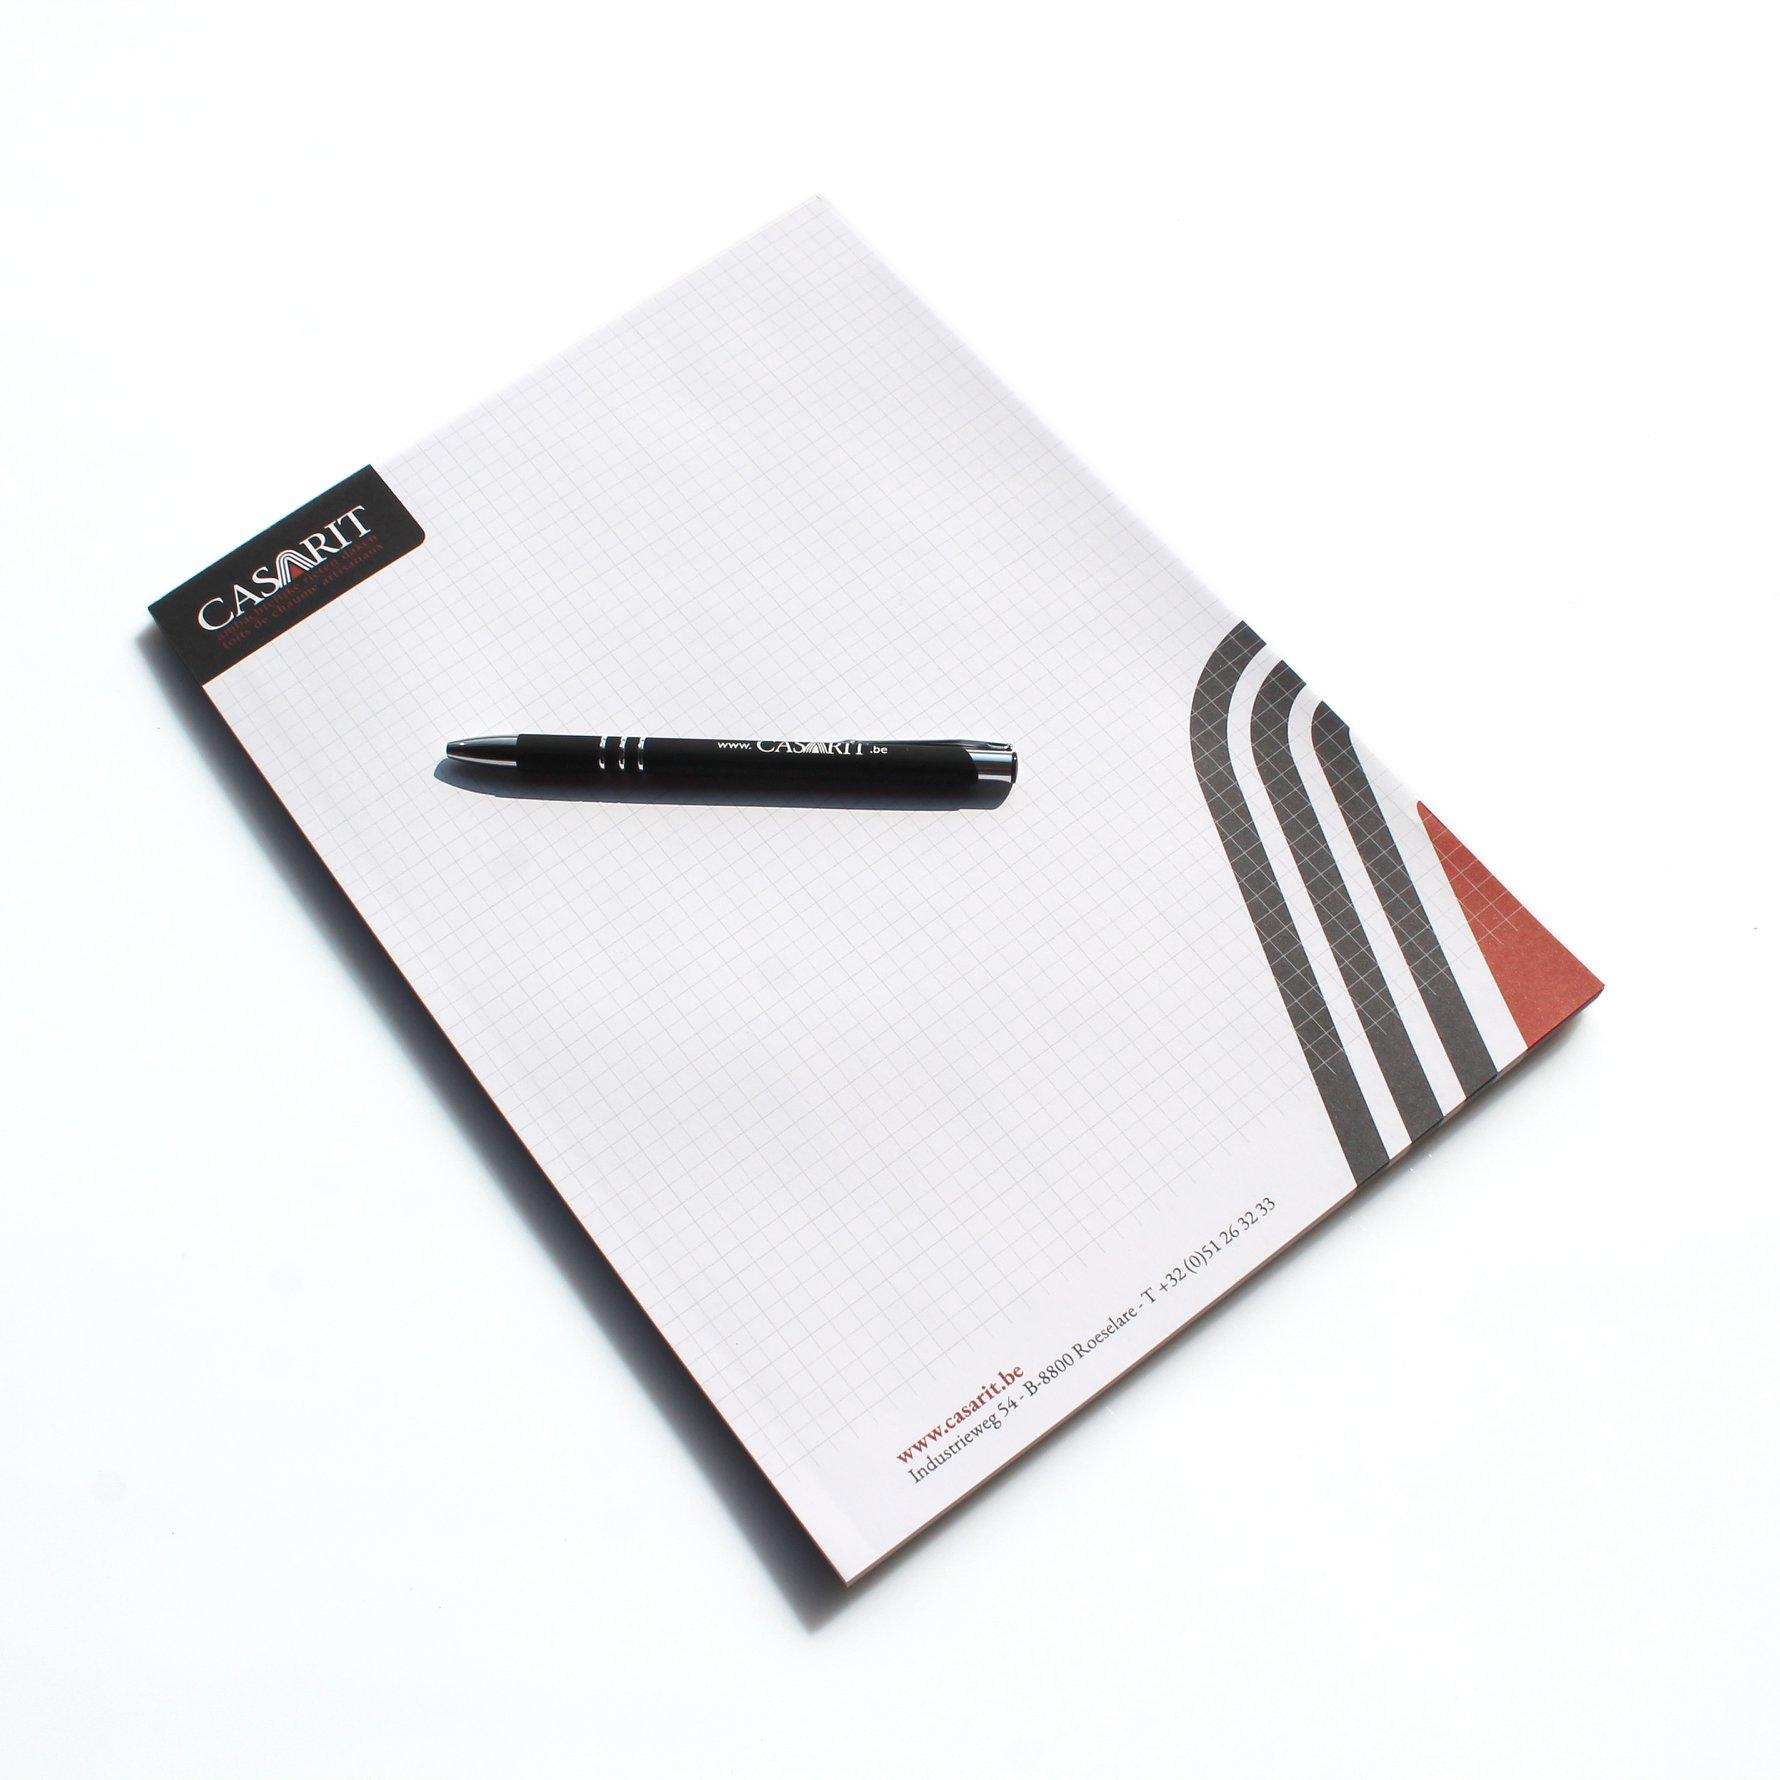 Mioo Design - Casarit Briefpapier ontwerp - Creatief reclamebureau Roeselare & Communicatiebureau Roeselare - Grafisch ontwerp - Freelancer - West-Vlaanderen - Brugge - Kortrijk